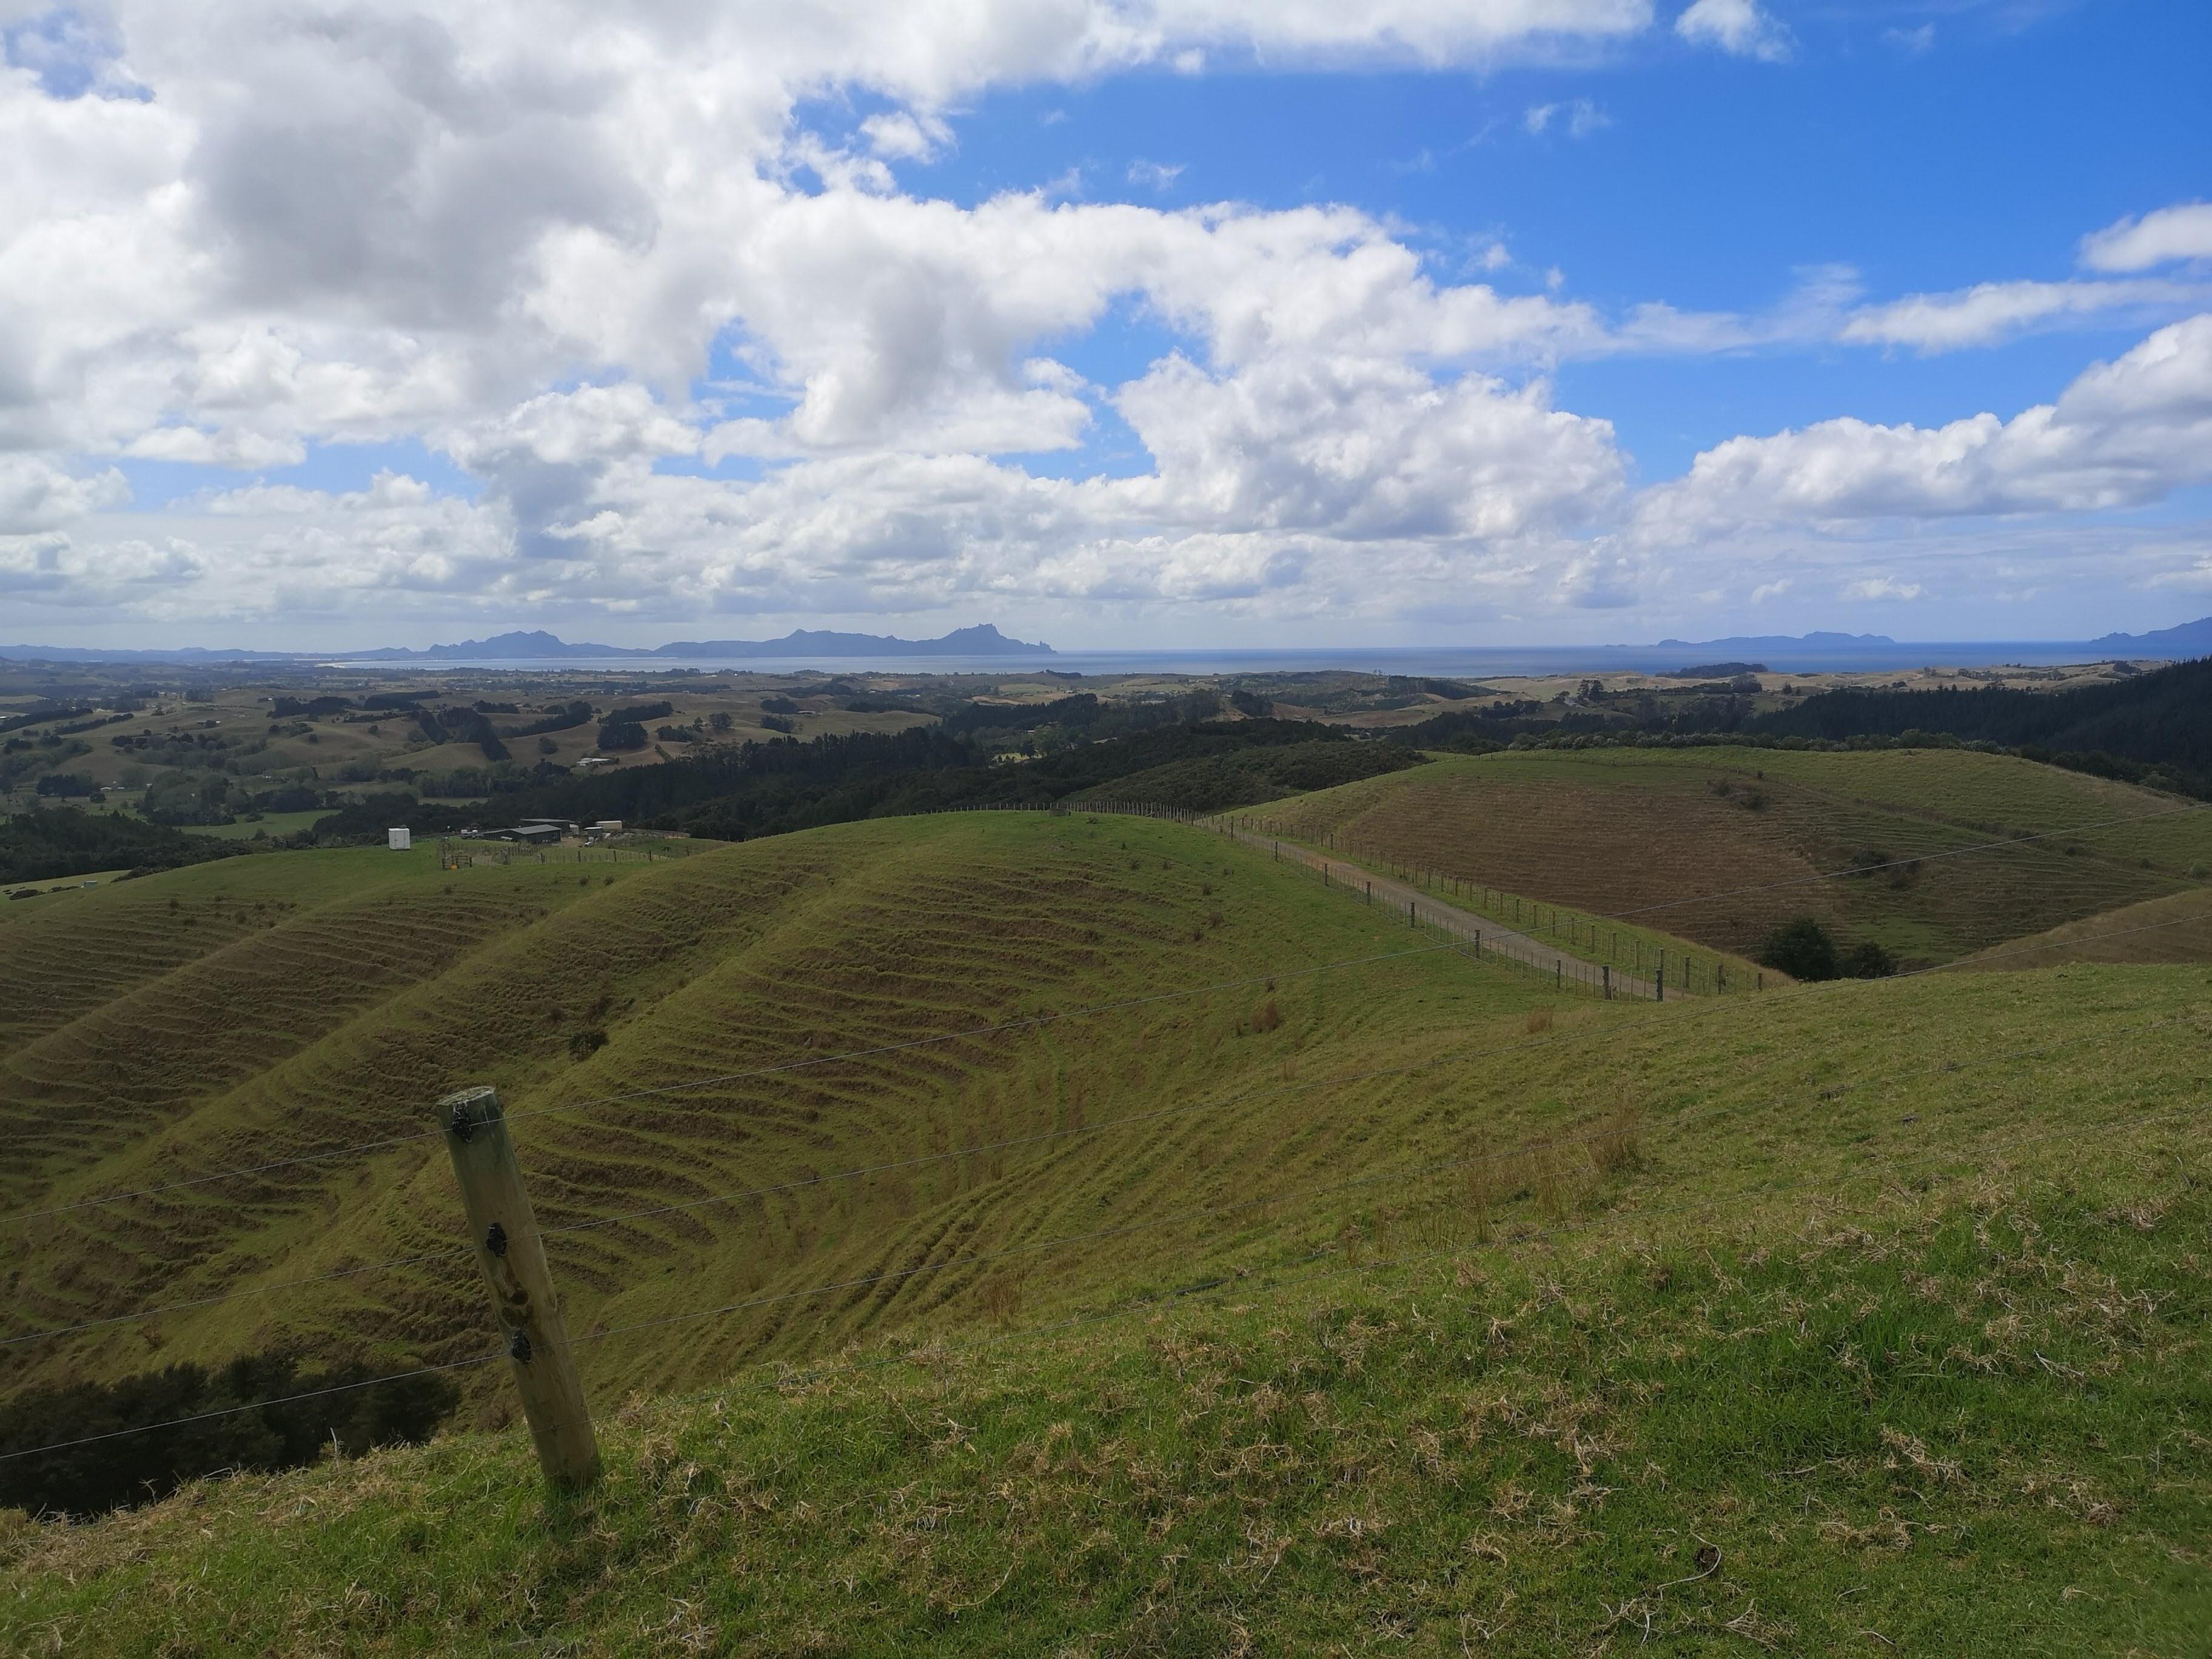 Brynderwyn's Scenic Lookout